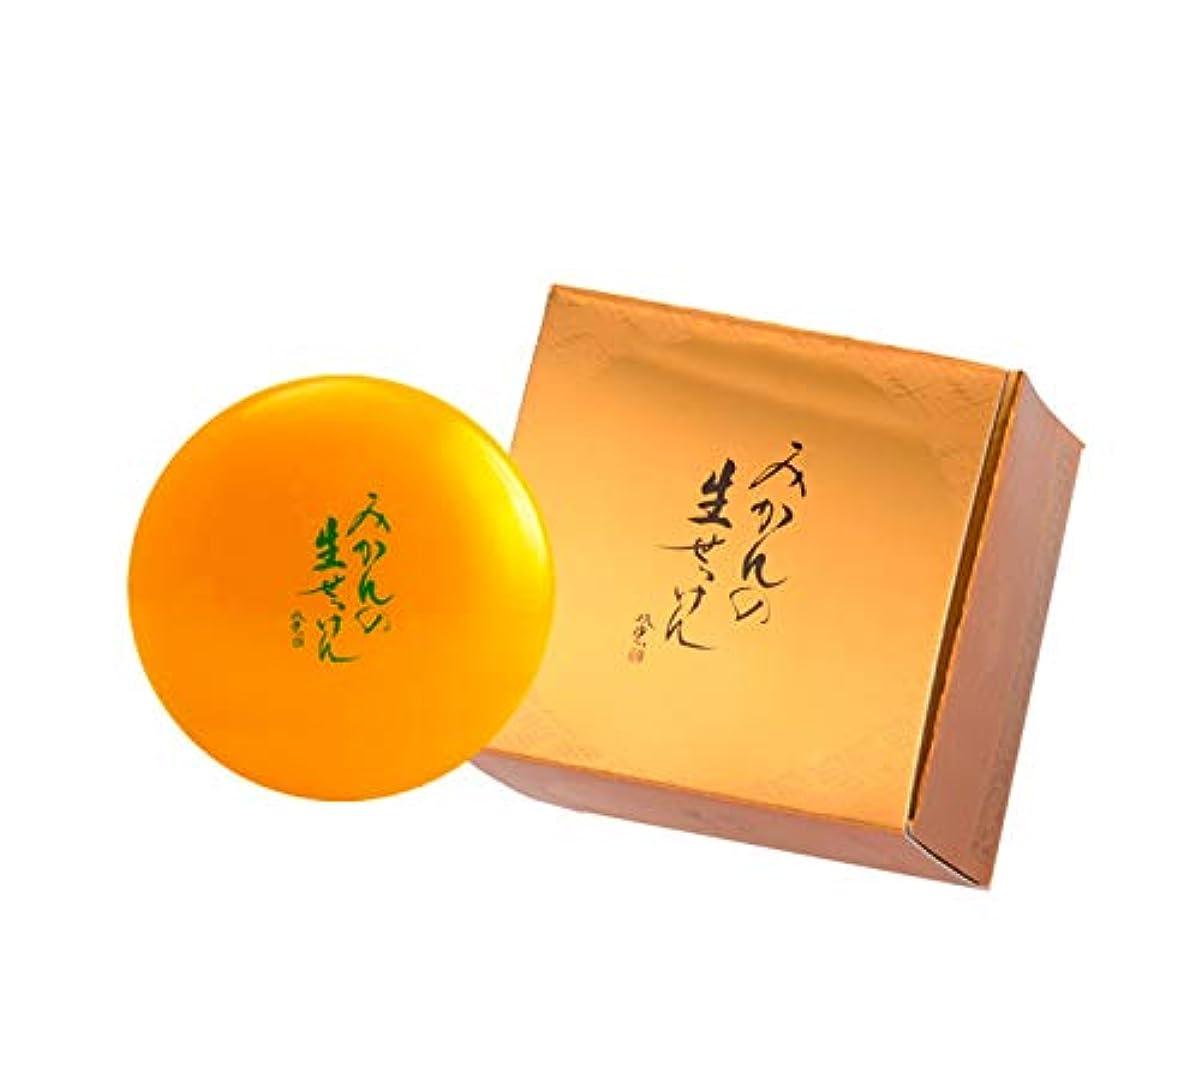 新しさスティック帰するUYEKI美香柑みかんの生せっけん120g×3個セット